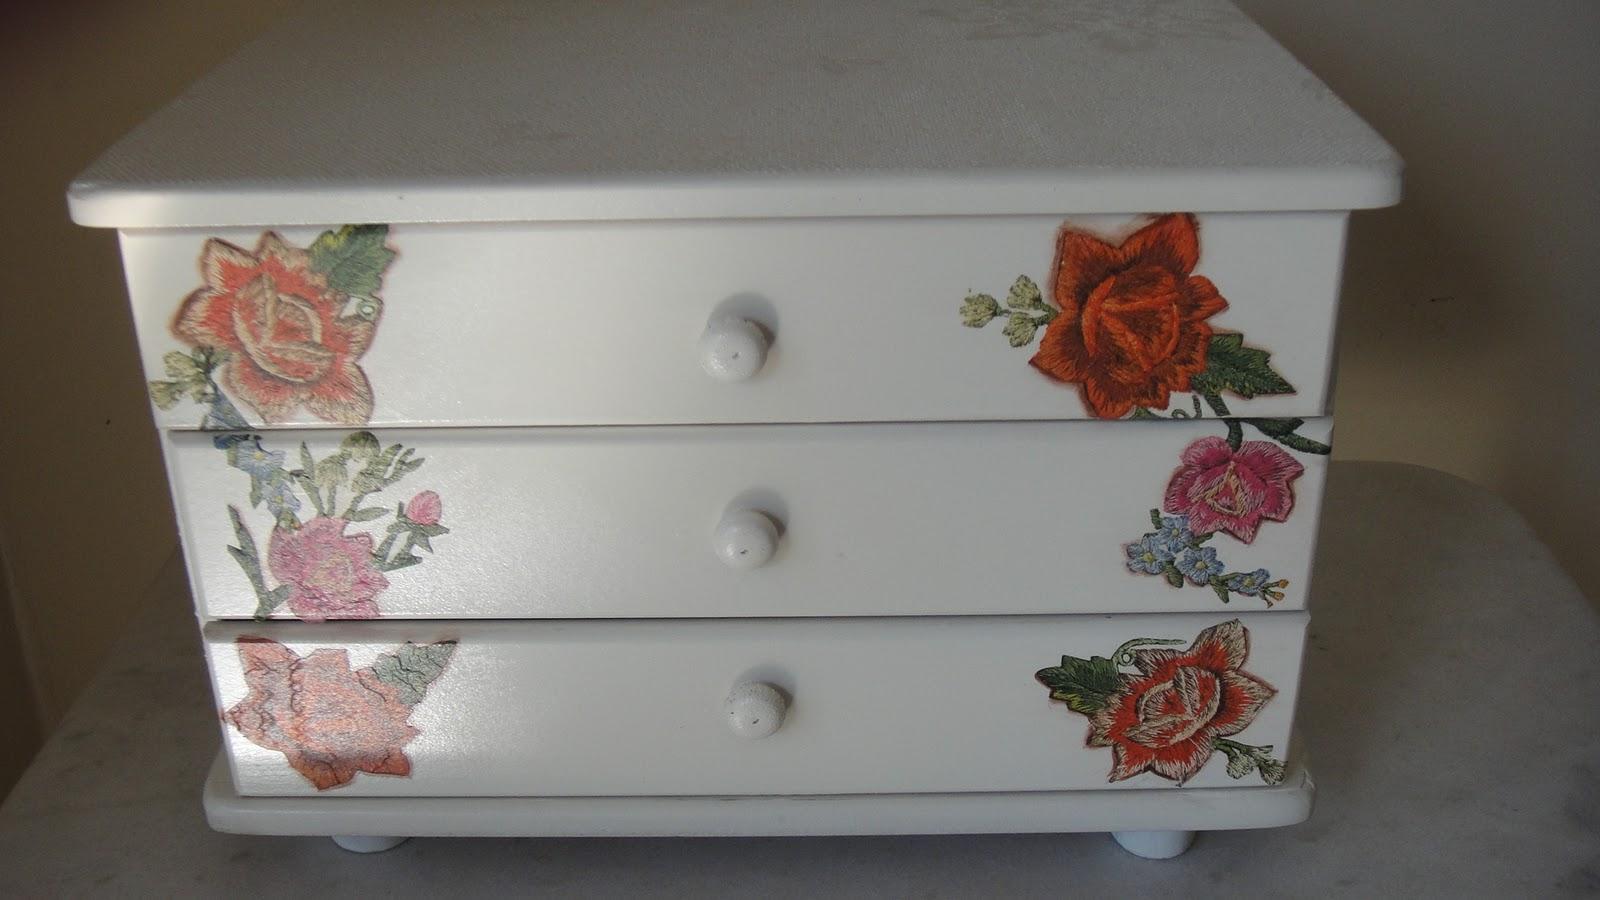 Artesanato Junino ~ Artesanatos Goi u00e2nia Mina das Artes Gaveteiro em madeira Decoupagem e textura, pintura em